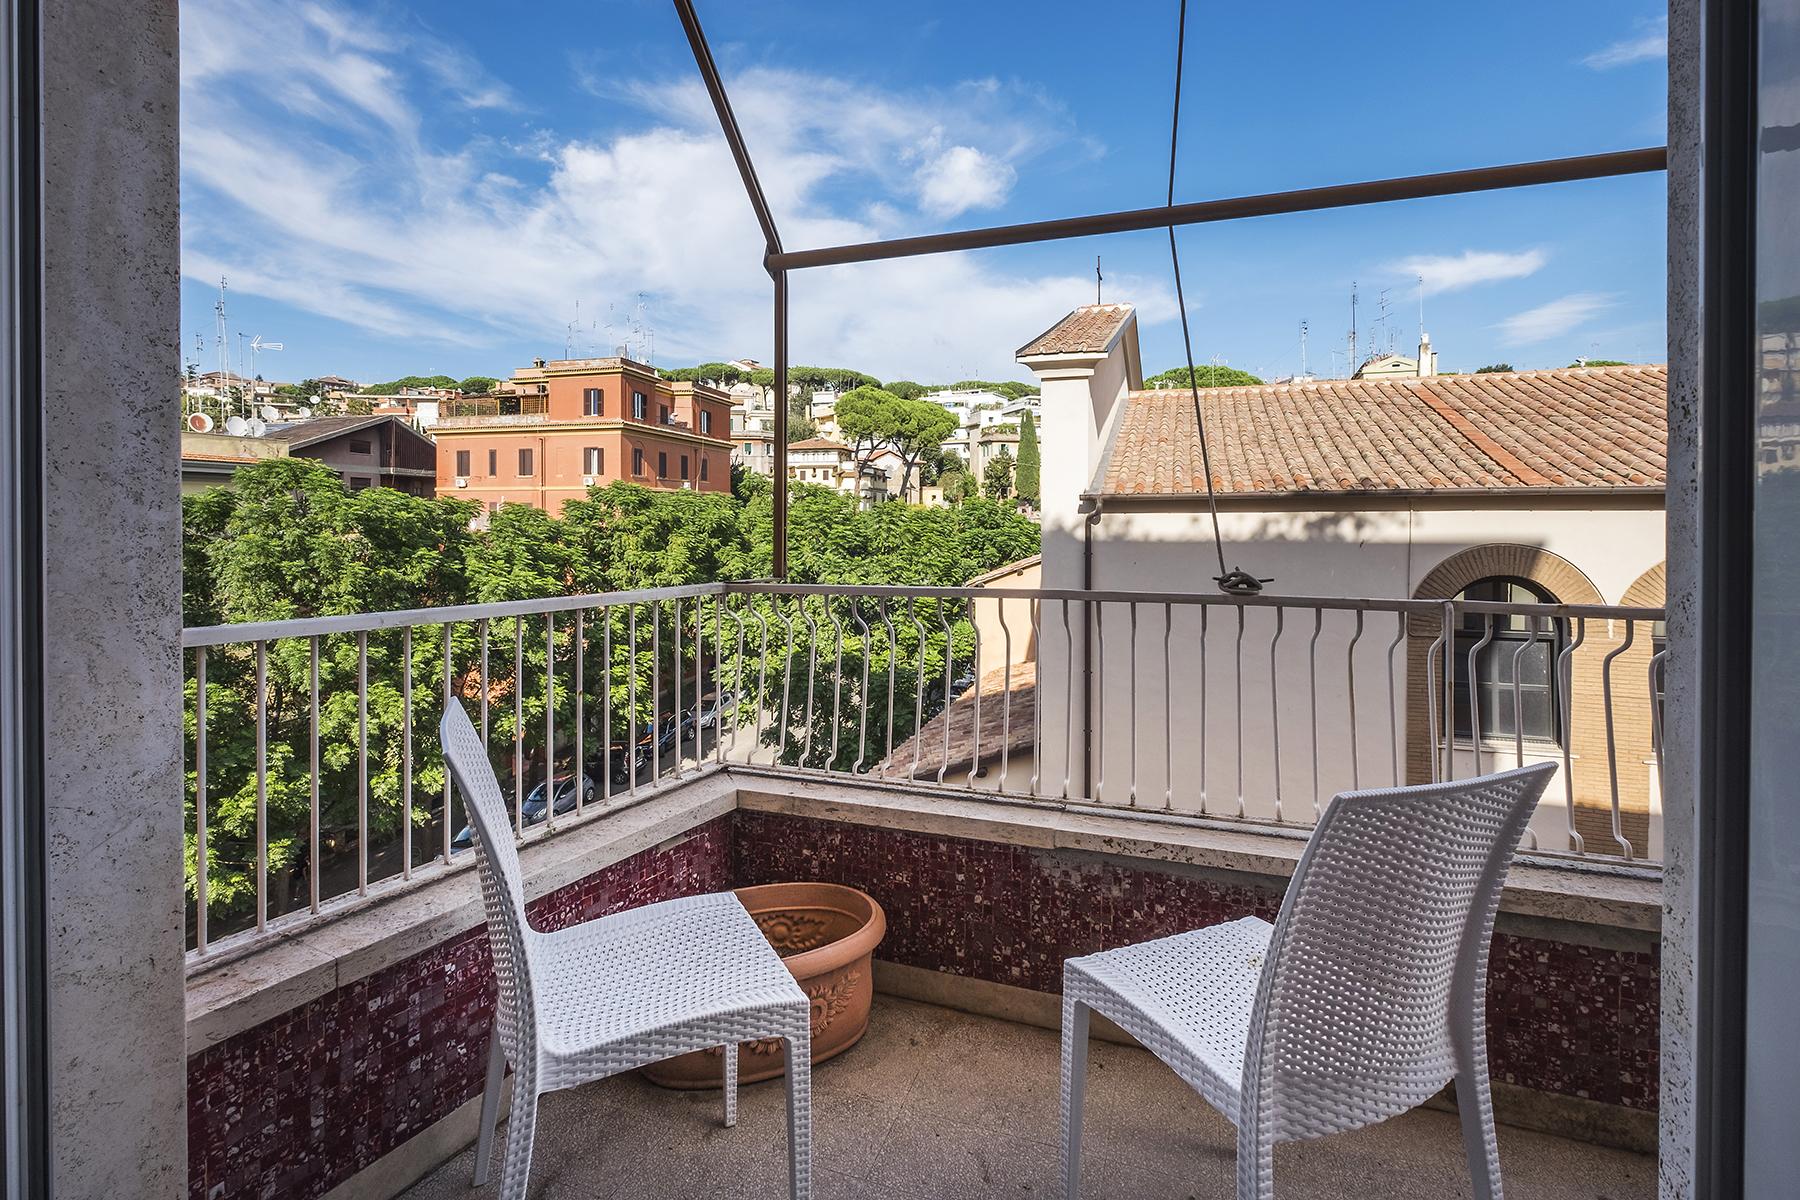 Appartamento in Vendita a Roma 06 Nuovo / Salario / Prati fiscali: 5 locali, 200 mq